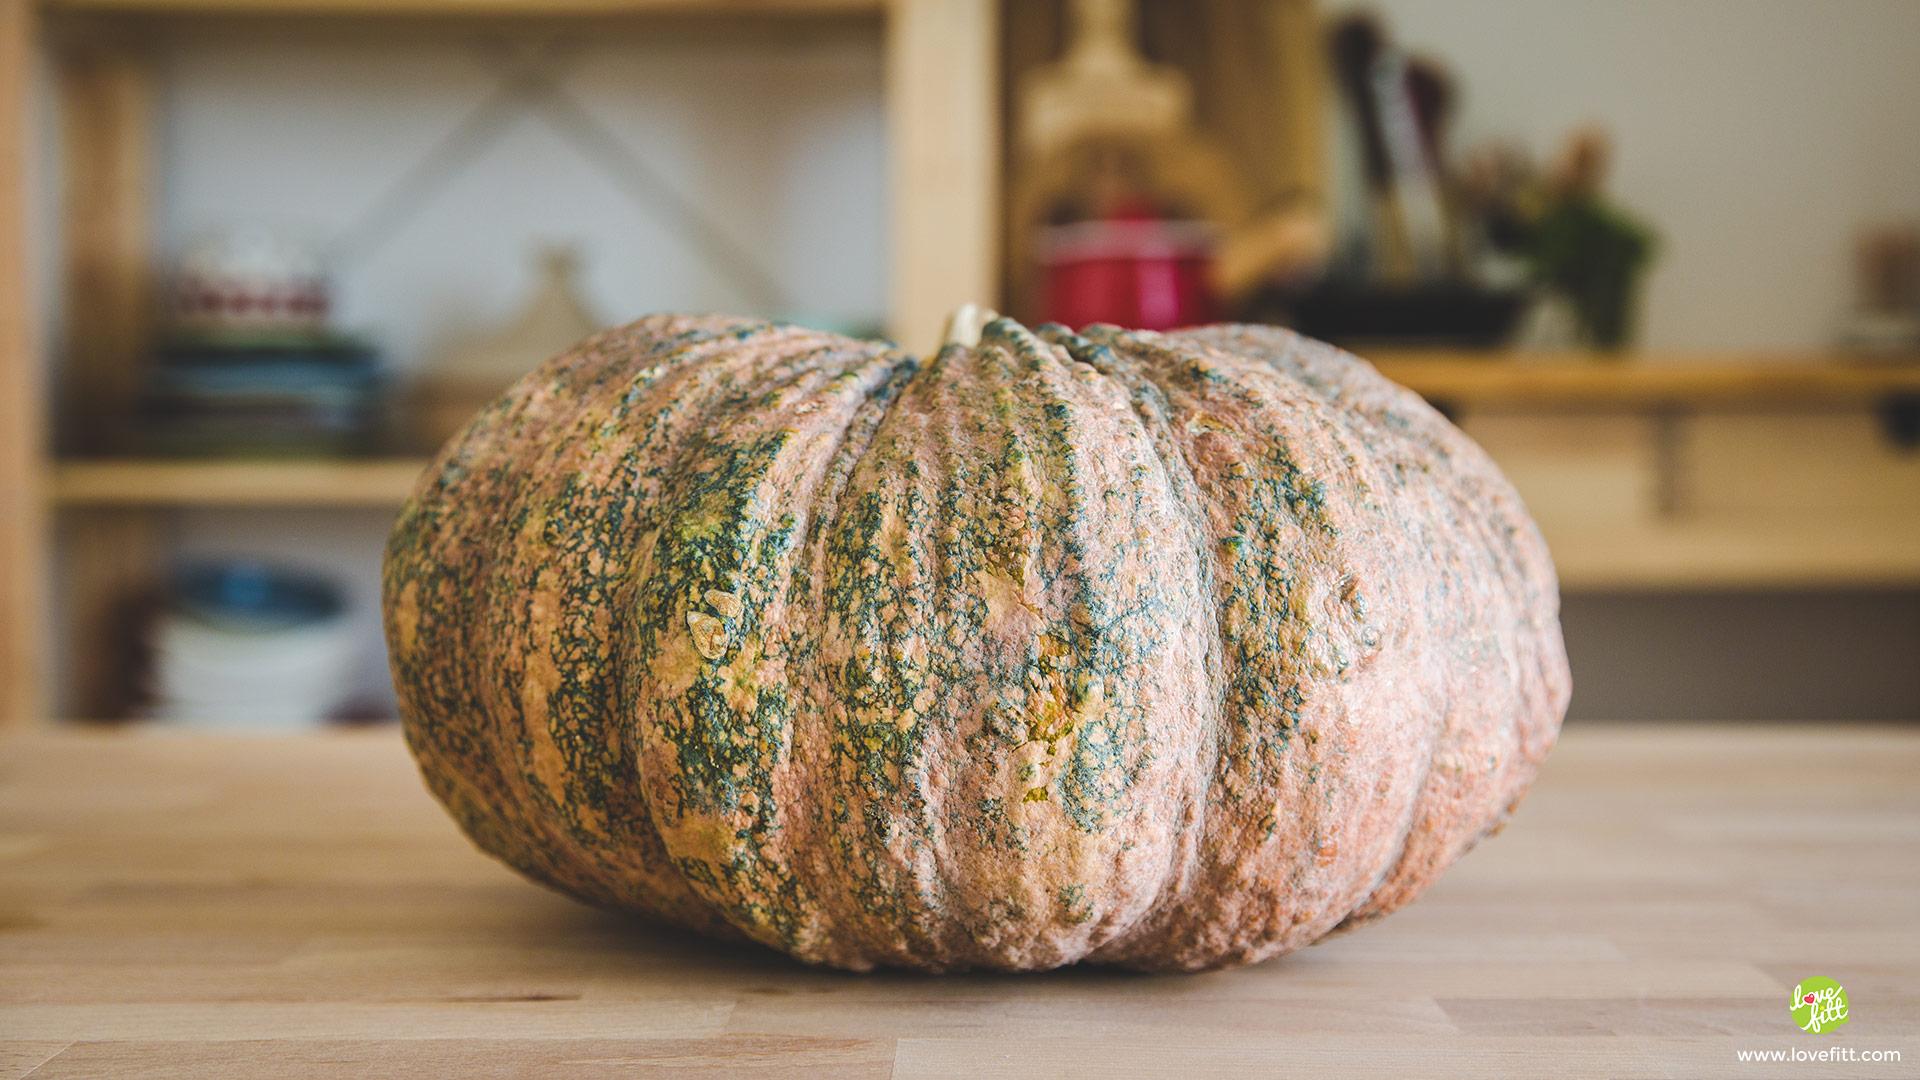 lovefitt-pumpkin-soup-img-1